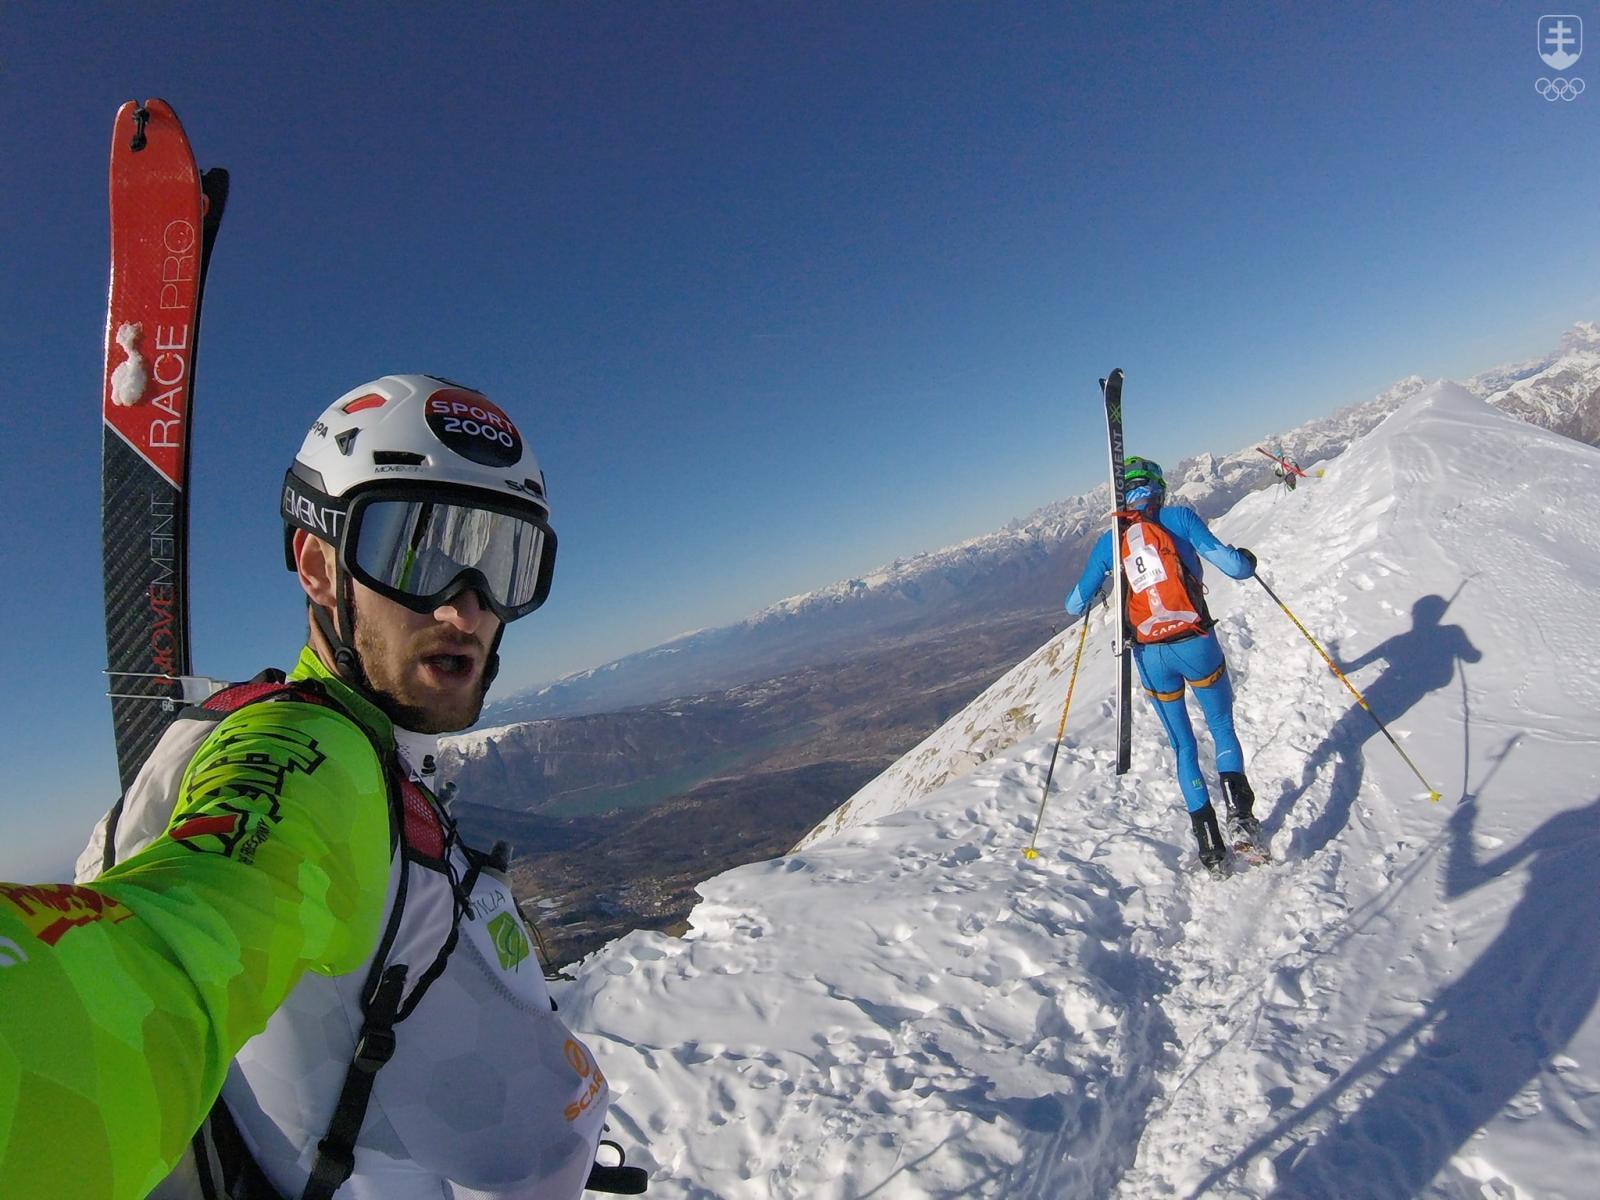 70d547876b Budúcnosť tohto zimného športu sa odvíja práve od zaradenia medzi  olympijské športy. Skialpinizmus bude mať